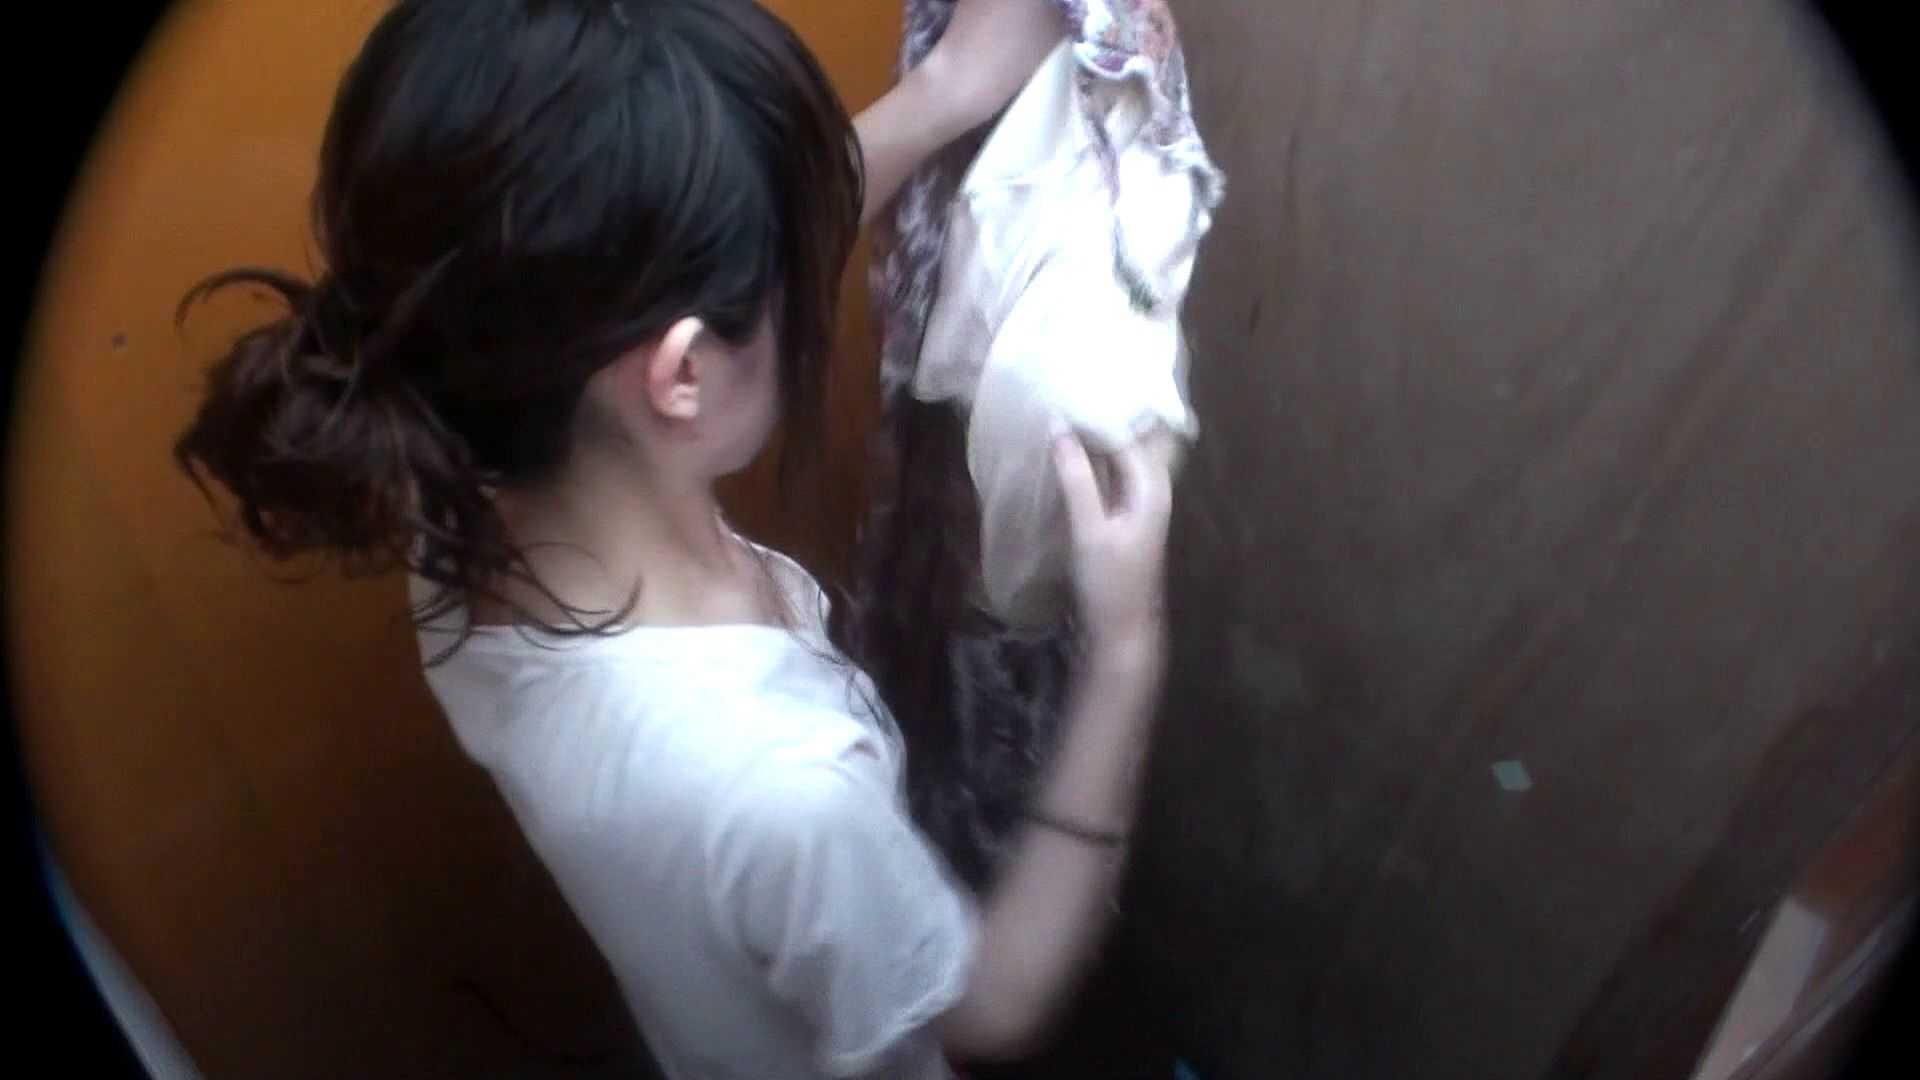 シャワールームは超!!危険な香りVol.29 こっちを向いて欲しい貧乳姉さん 高画質モード オマンコ無修正動画無料 85画像 7